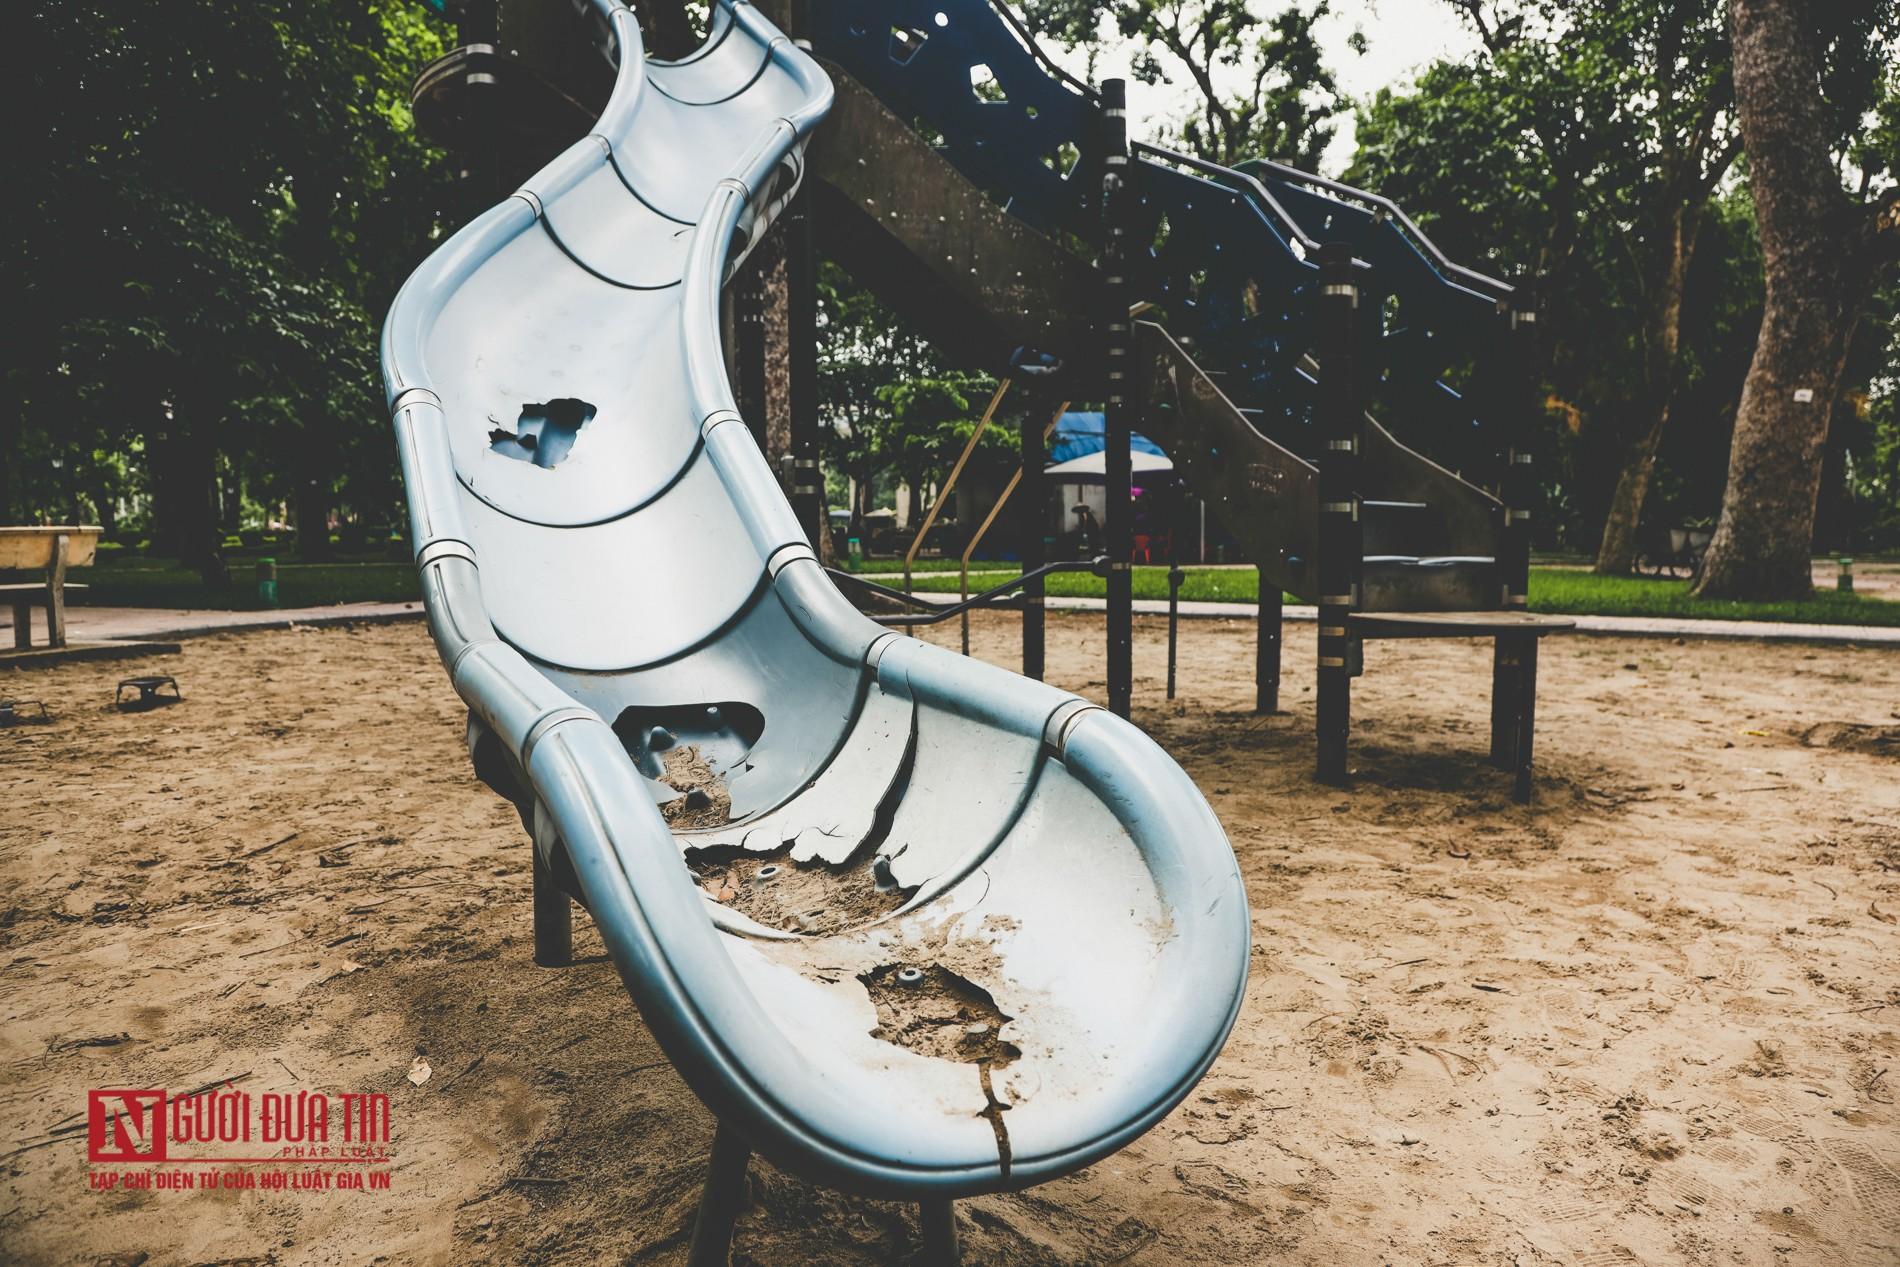 Hà Nội: Xót xa những hạng mục vui chơi cho trẻ xuống cấp, hư hỏng tại công viên Thống Nhất-4